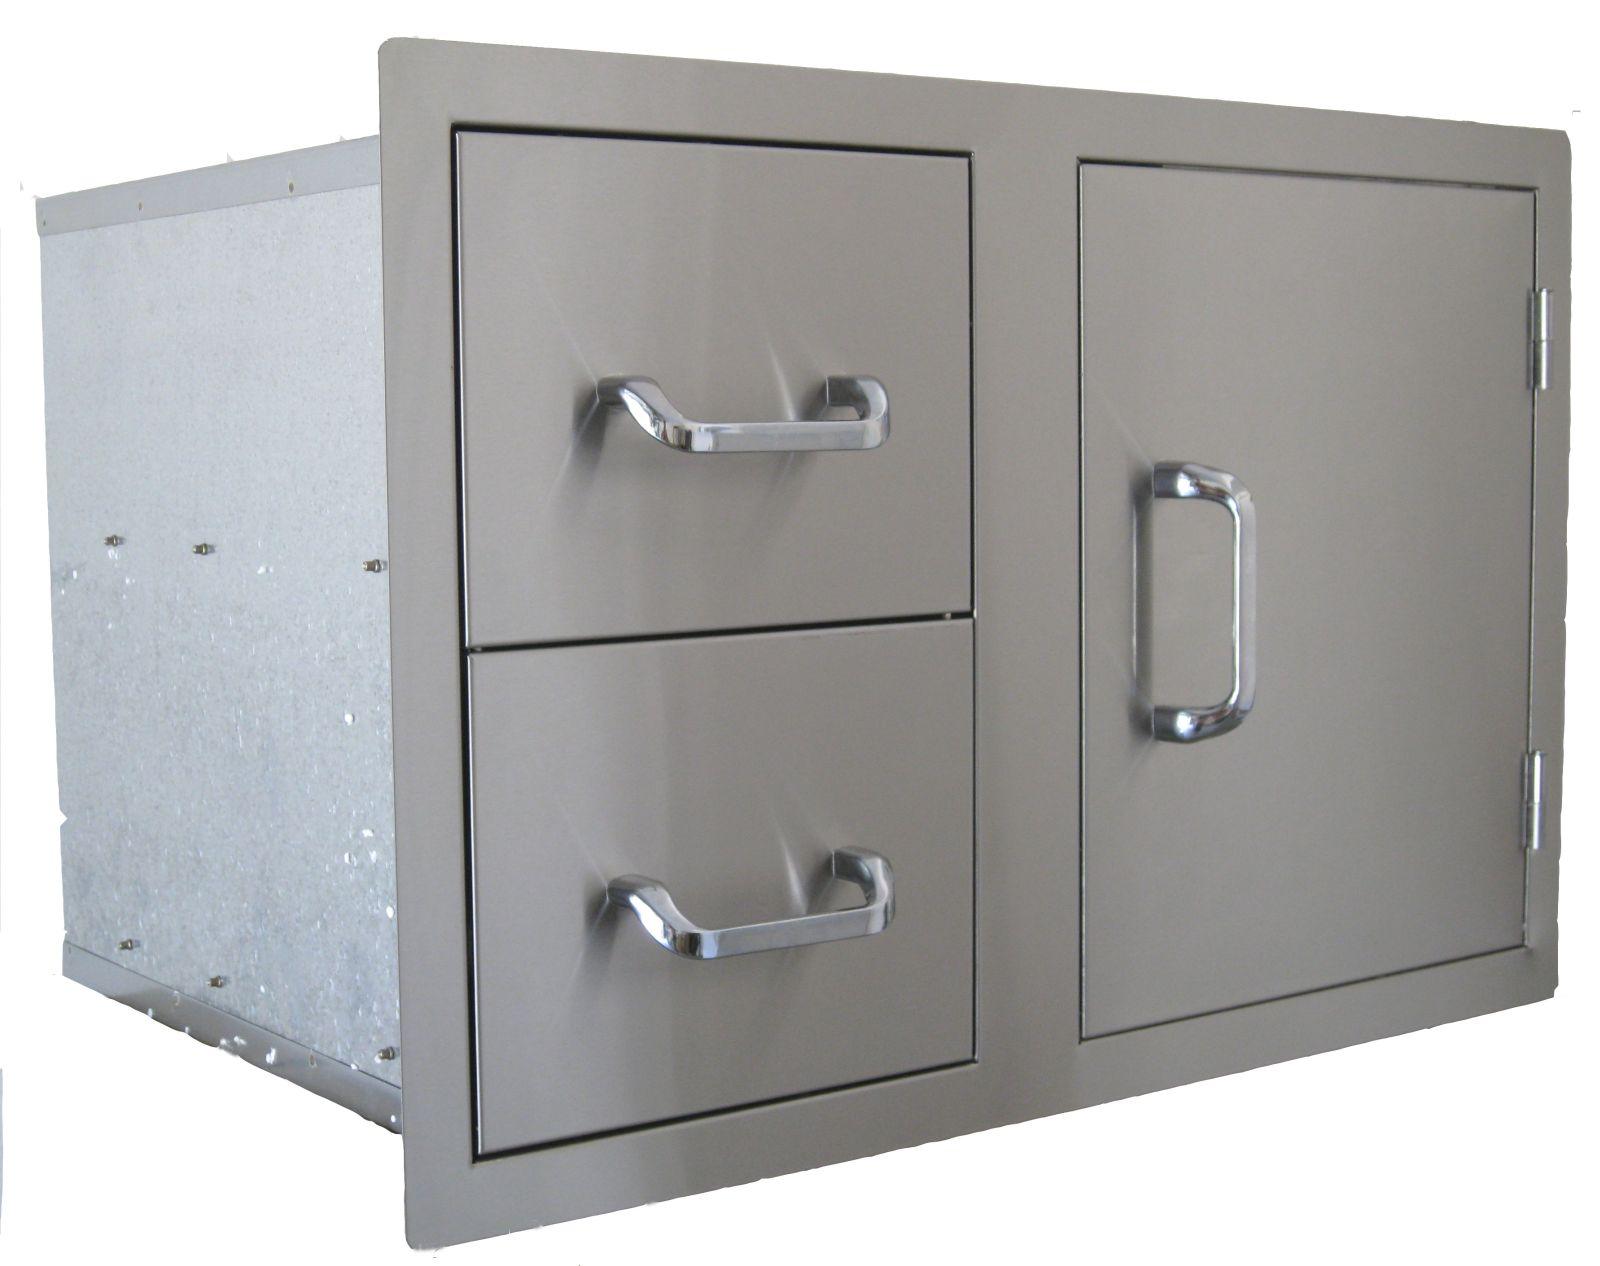 Outdoorküche Tür Gebraucht : Outdoorküche doppelschublade & zugangstür kombination roc products